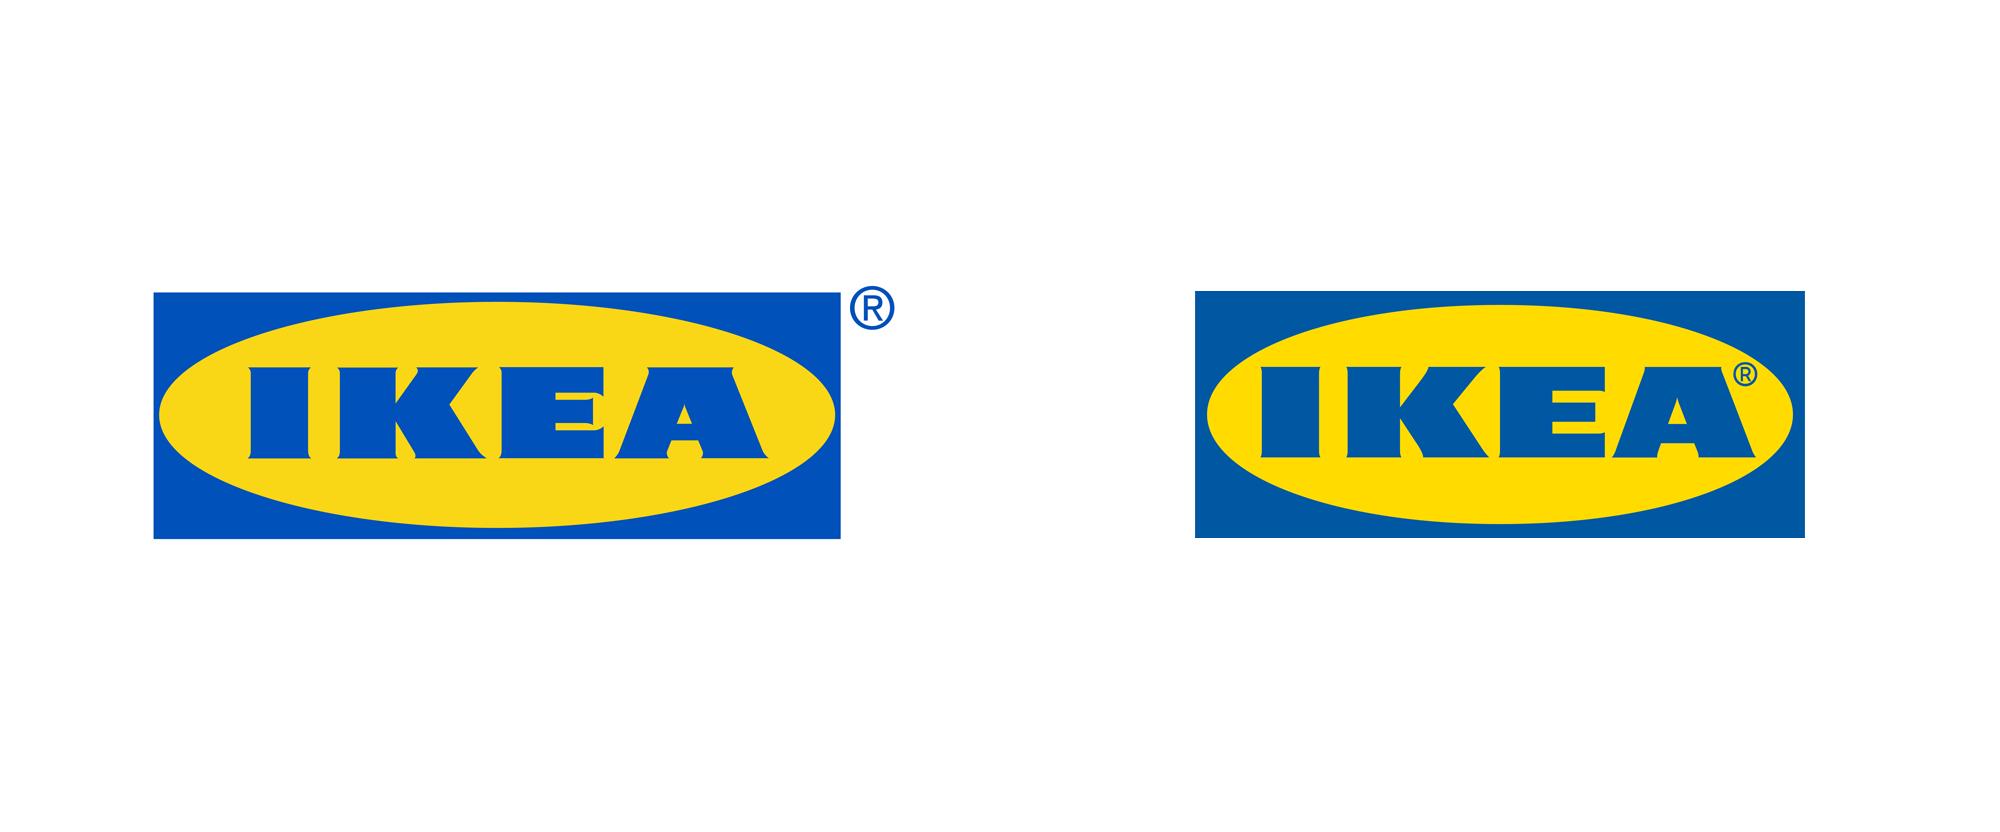 Ikea cambia logo